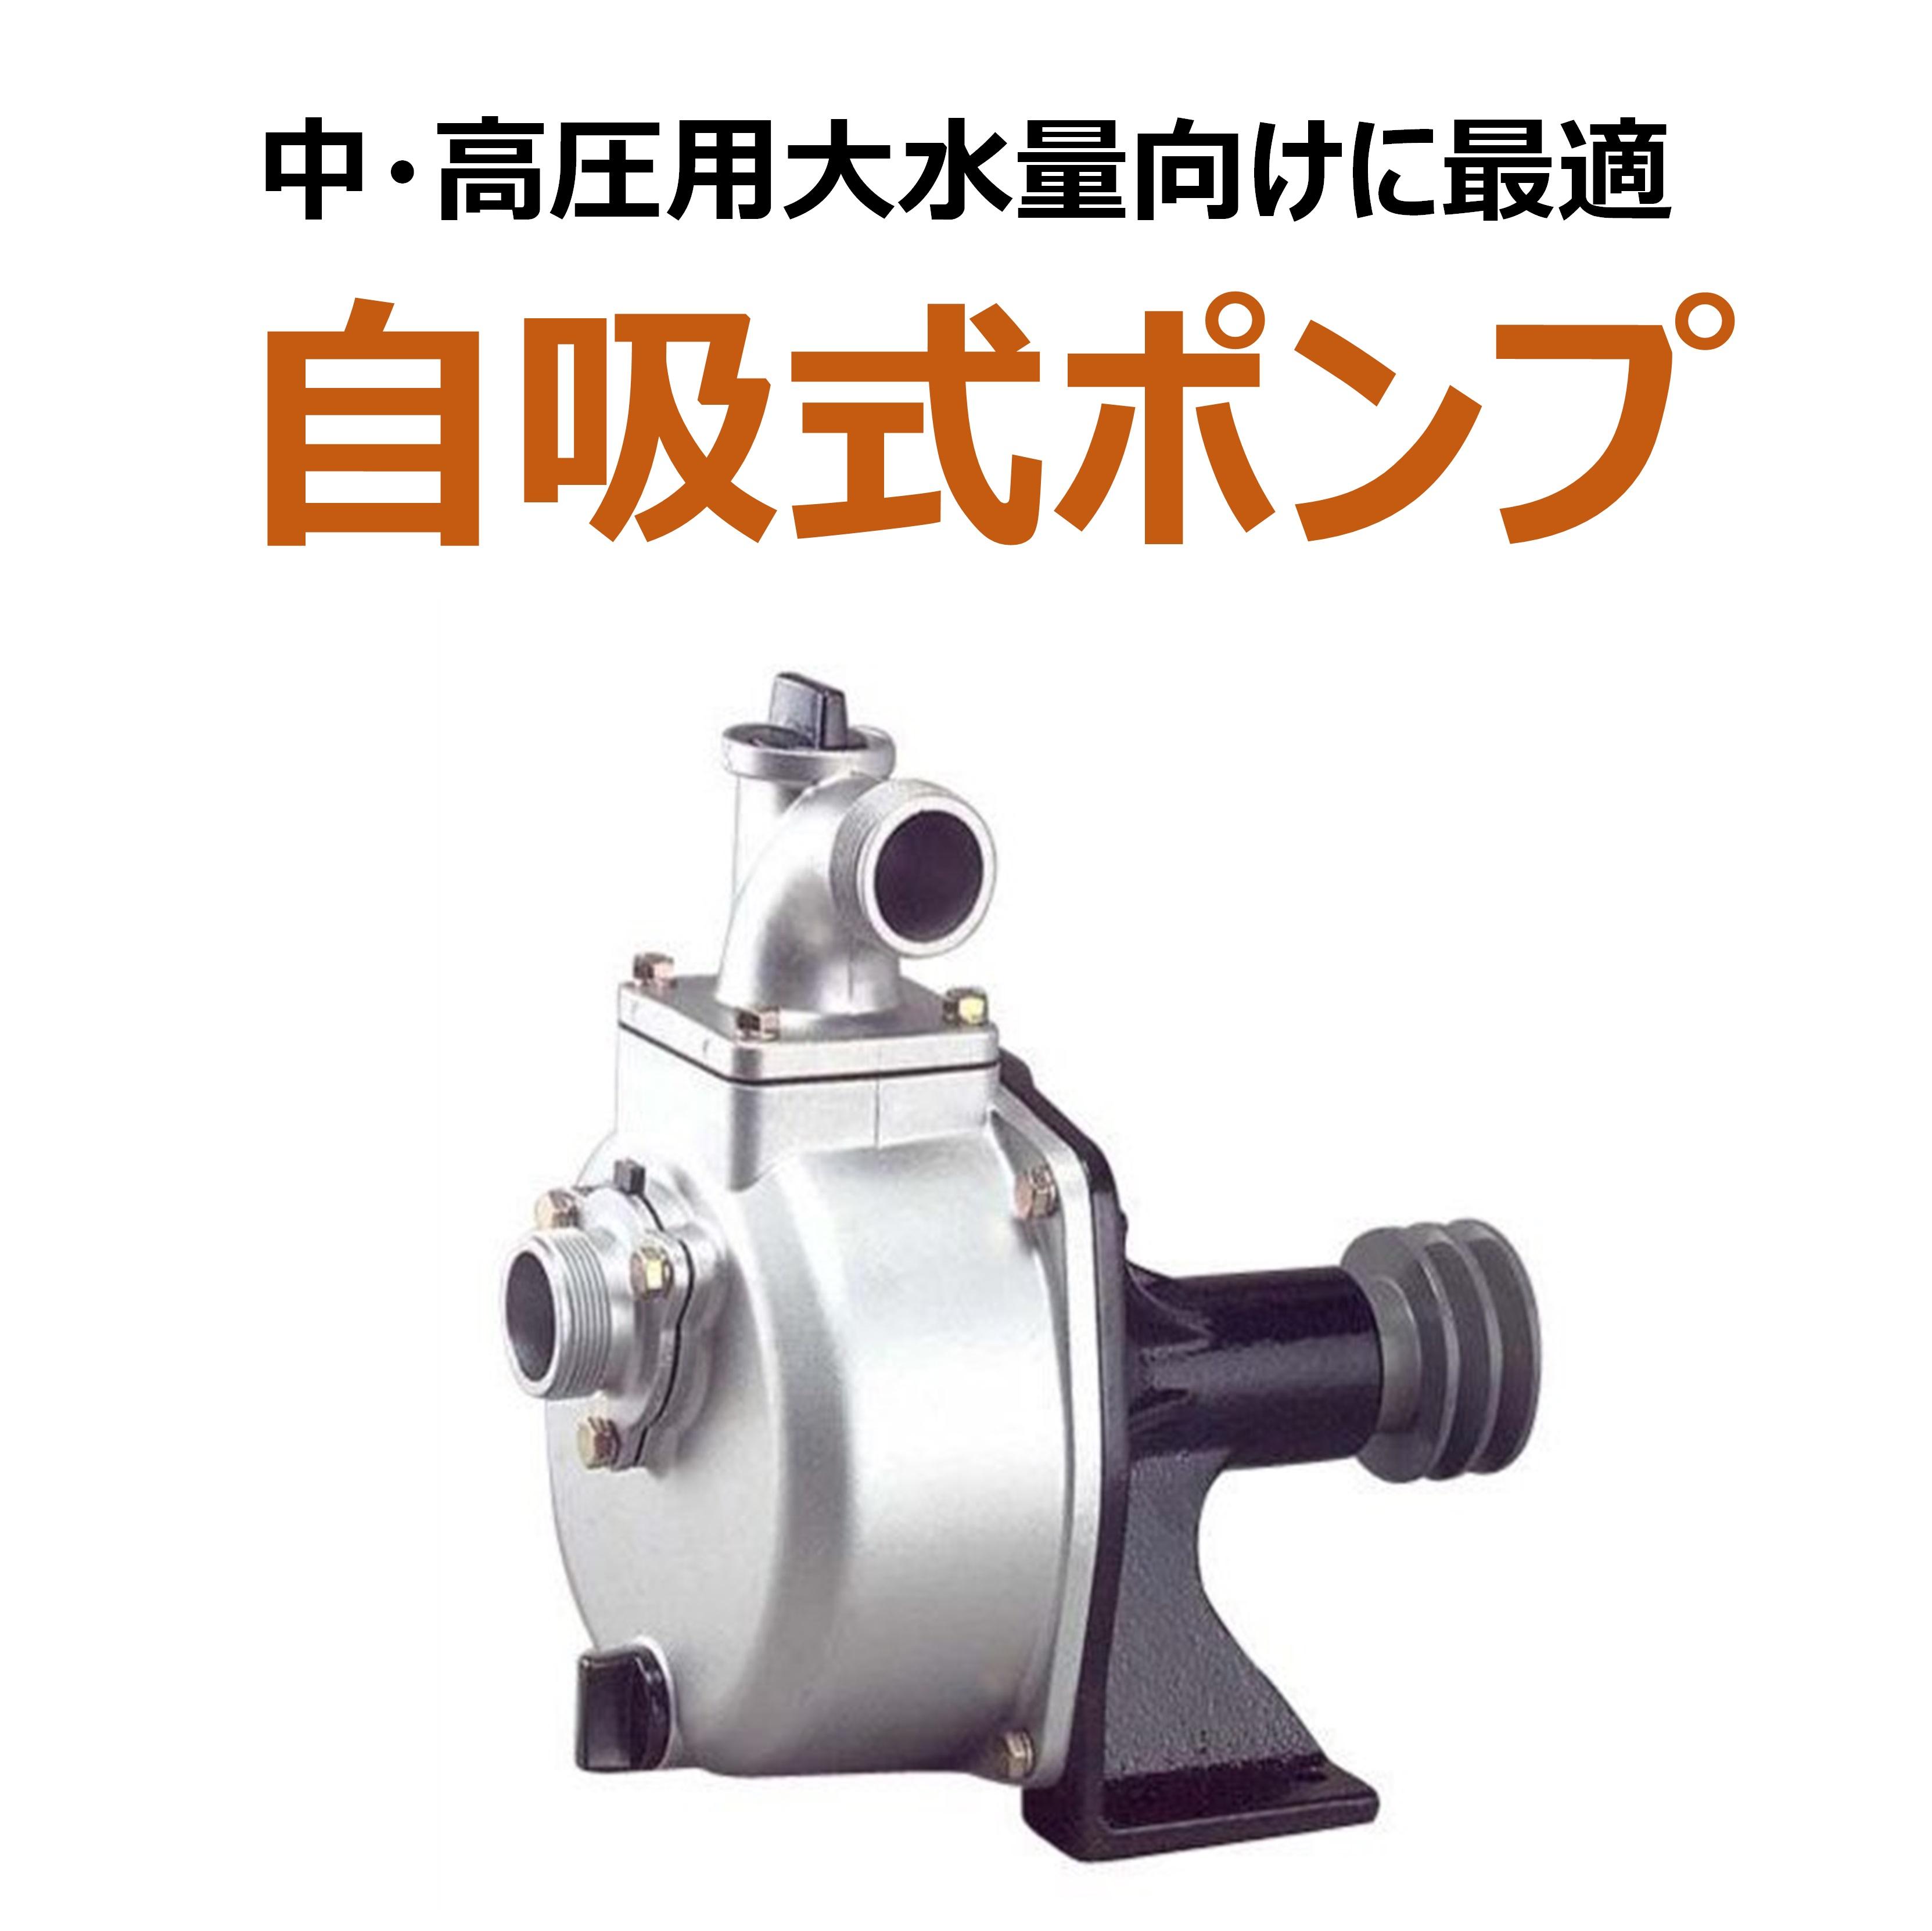 中・高圧用大水量向けに最適、高性能自給式ポンプ 単体ポンプ 大水量 最大370L/分 スプリンクラー 高水圧 散水用 自吸式 工進 高性能 パワフル 業務用 軽量 大吐出